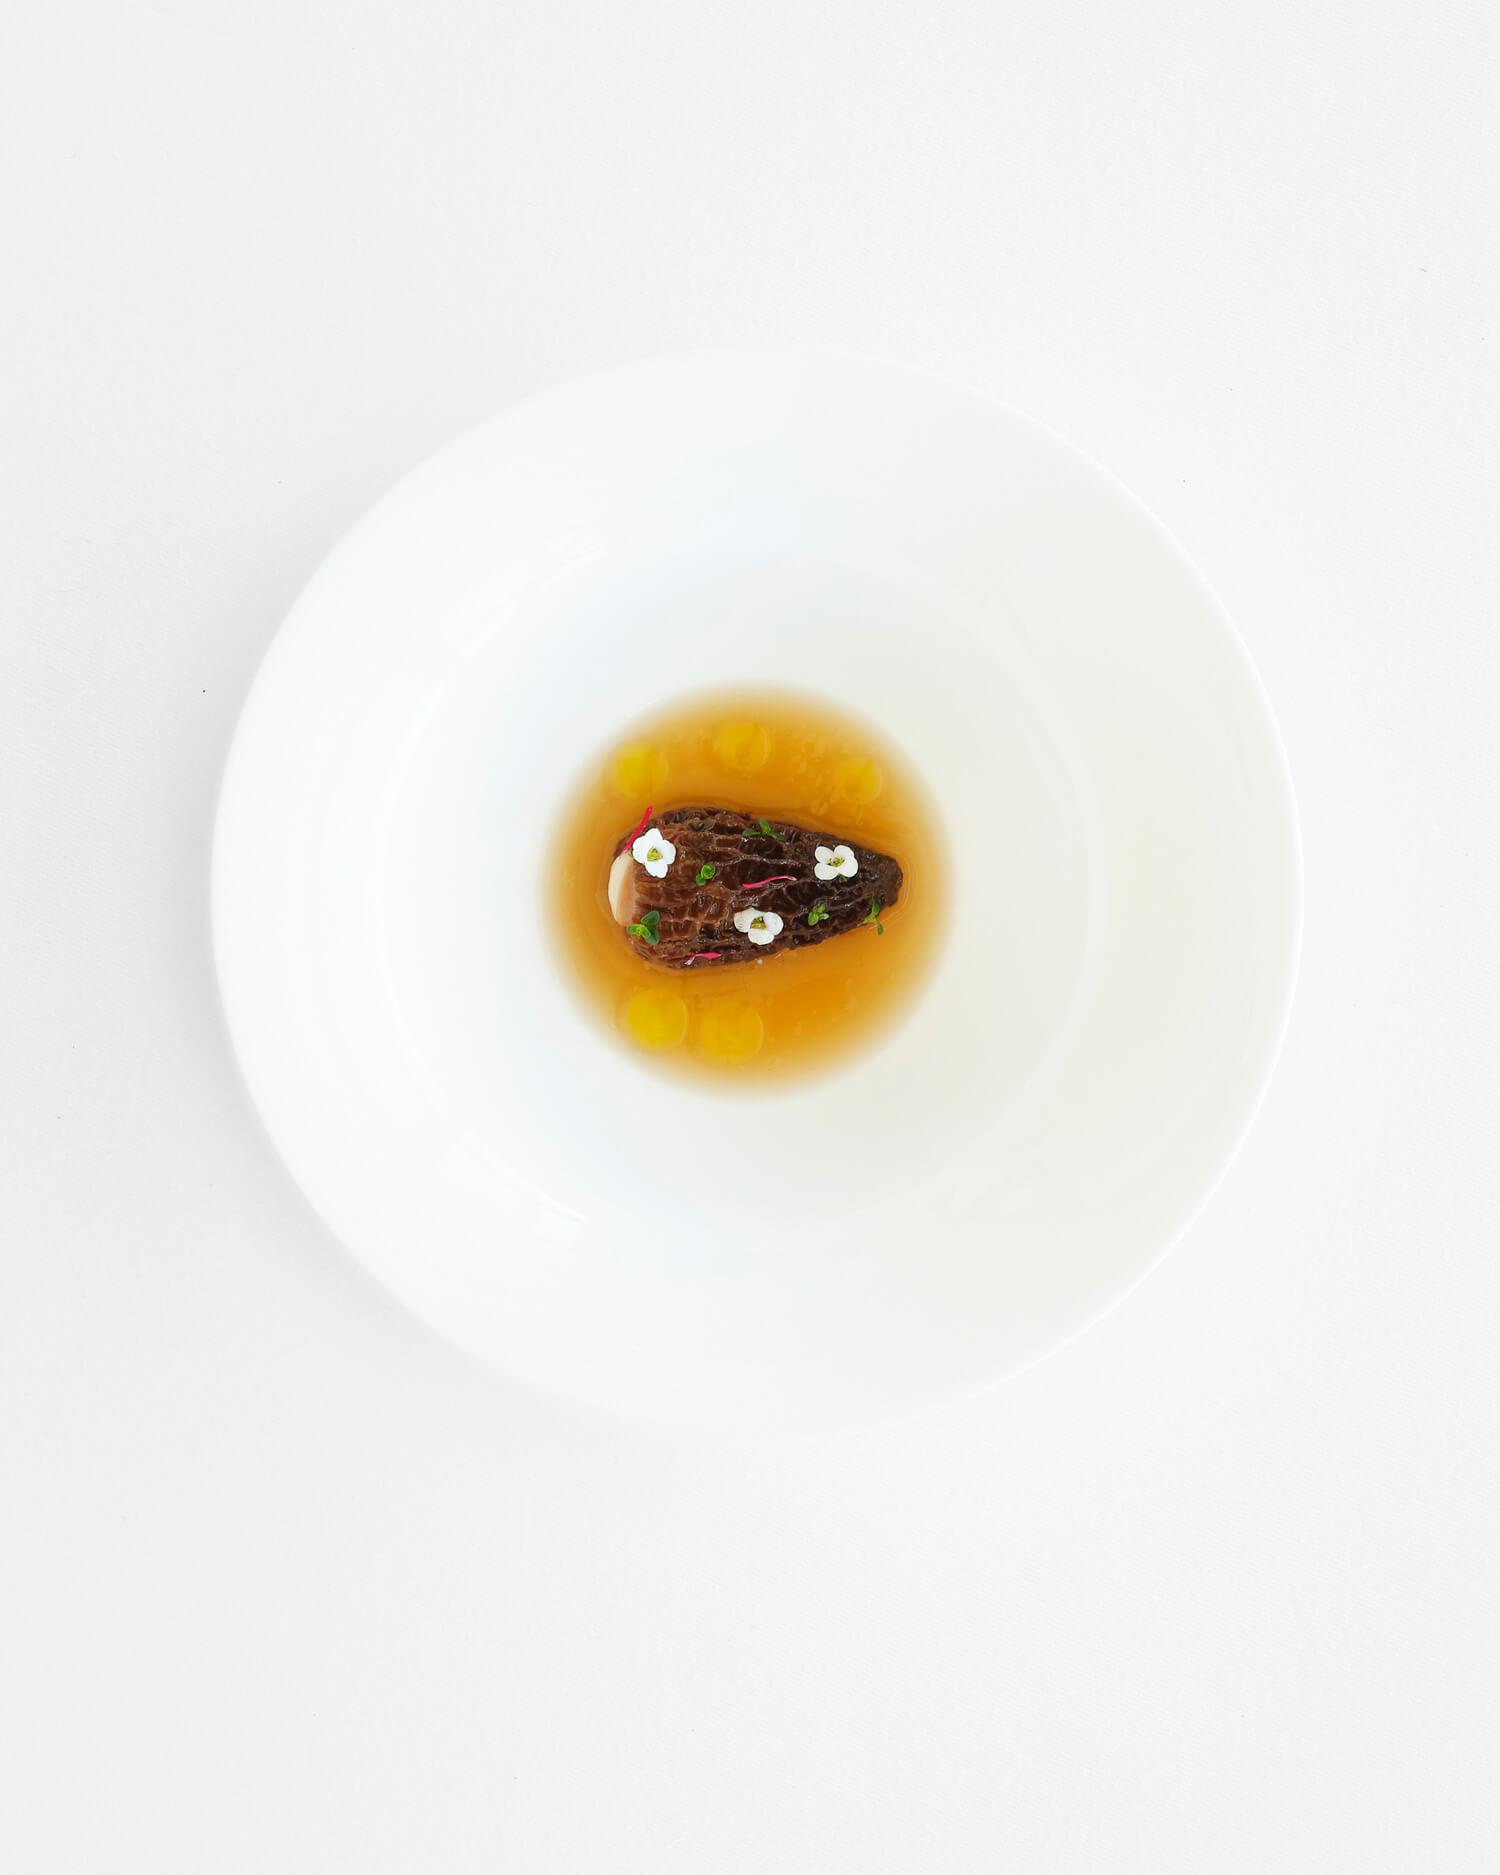 babette-food-03-1080x1350px-low